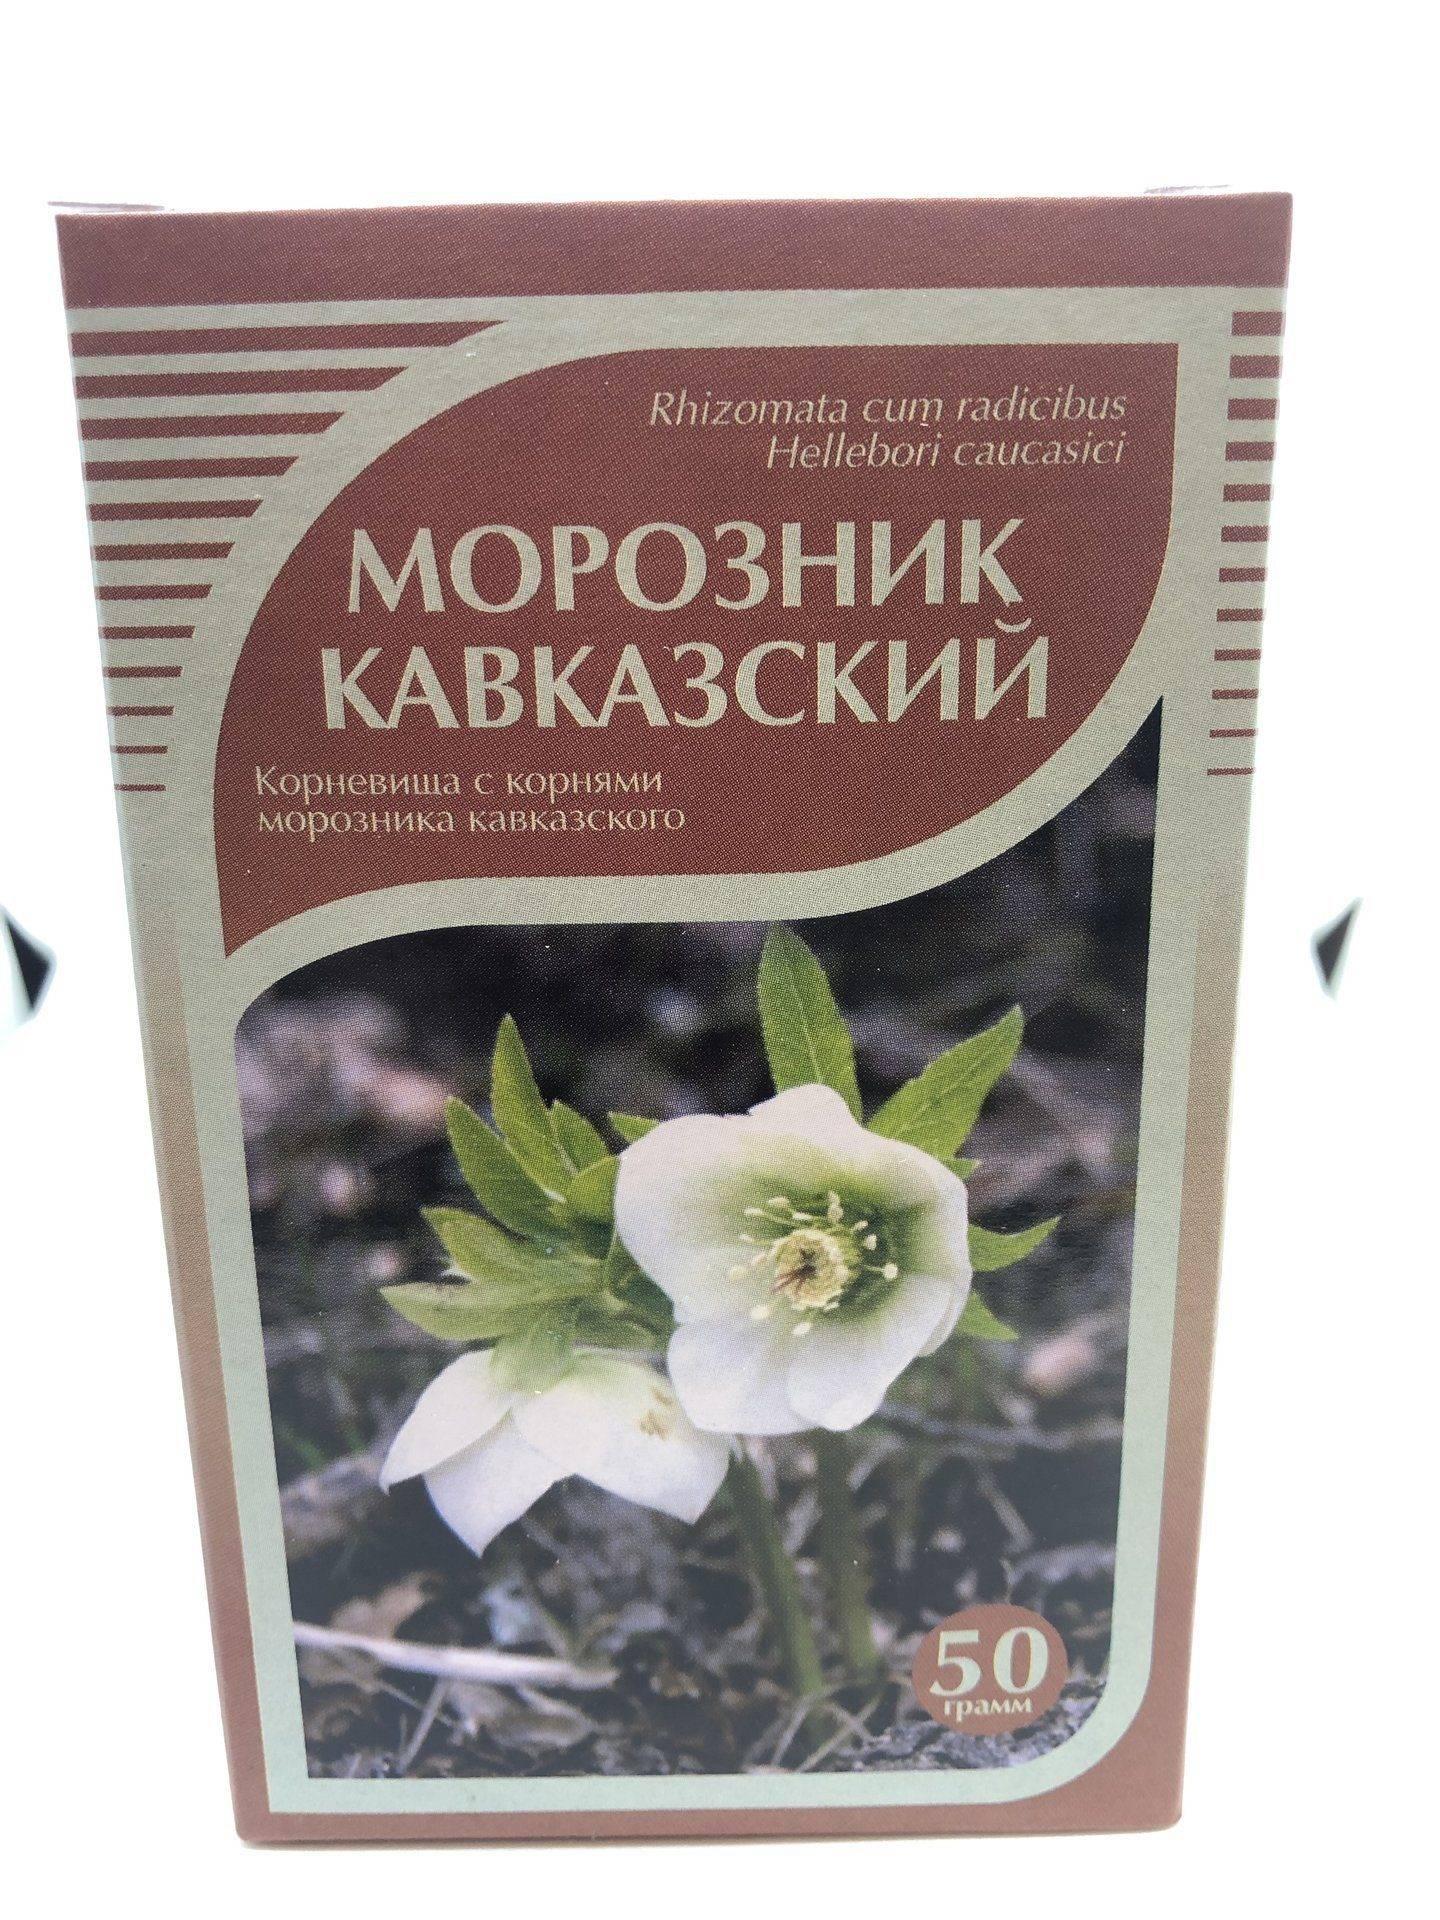 Морозник кавказский – описание, свойства, лечение